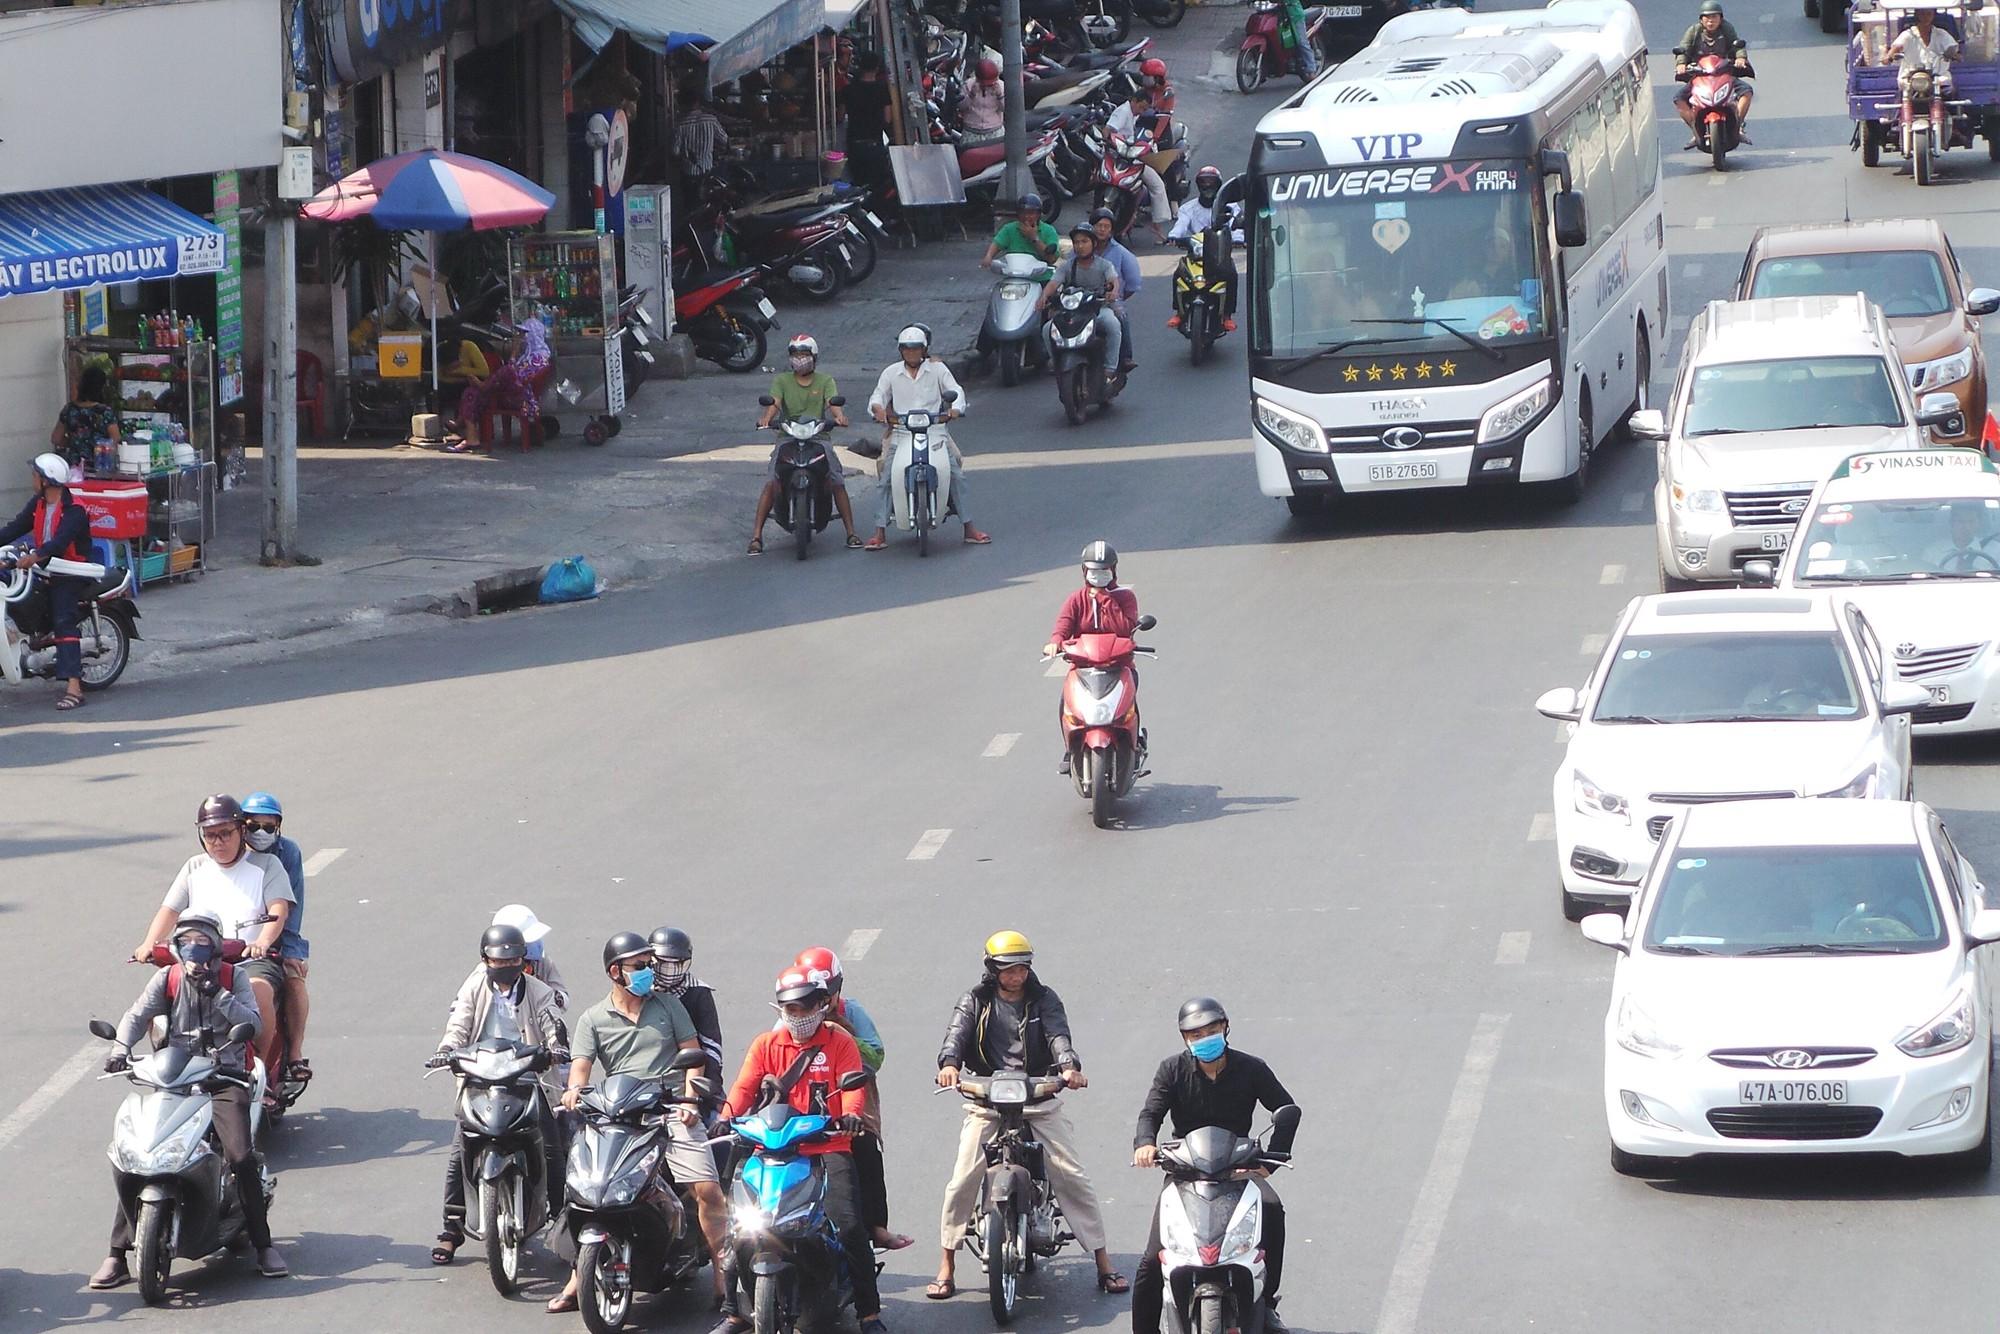 Sài Gòn nóng gần 40 độ C: Người dân xuống gầm cầu mắc võng ngủ trưa - Ảnh 1.